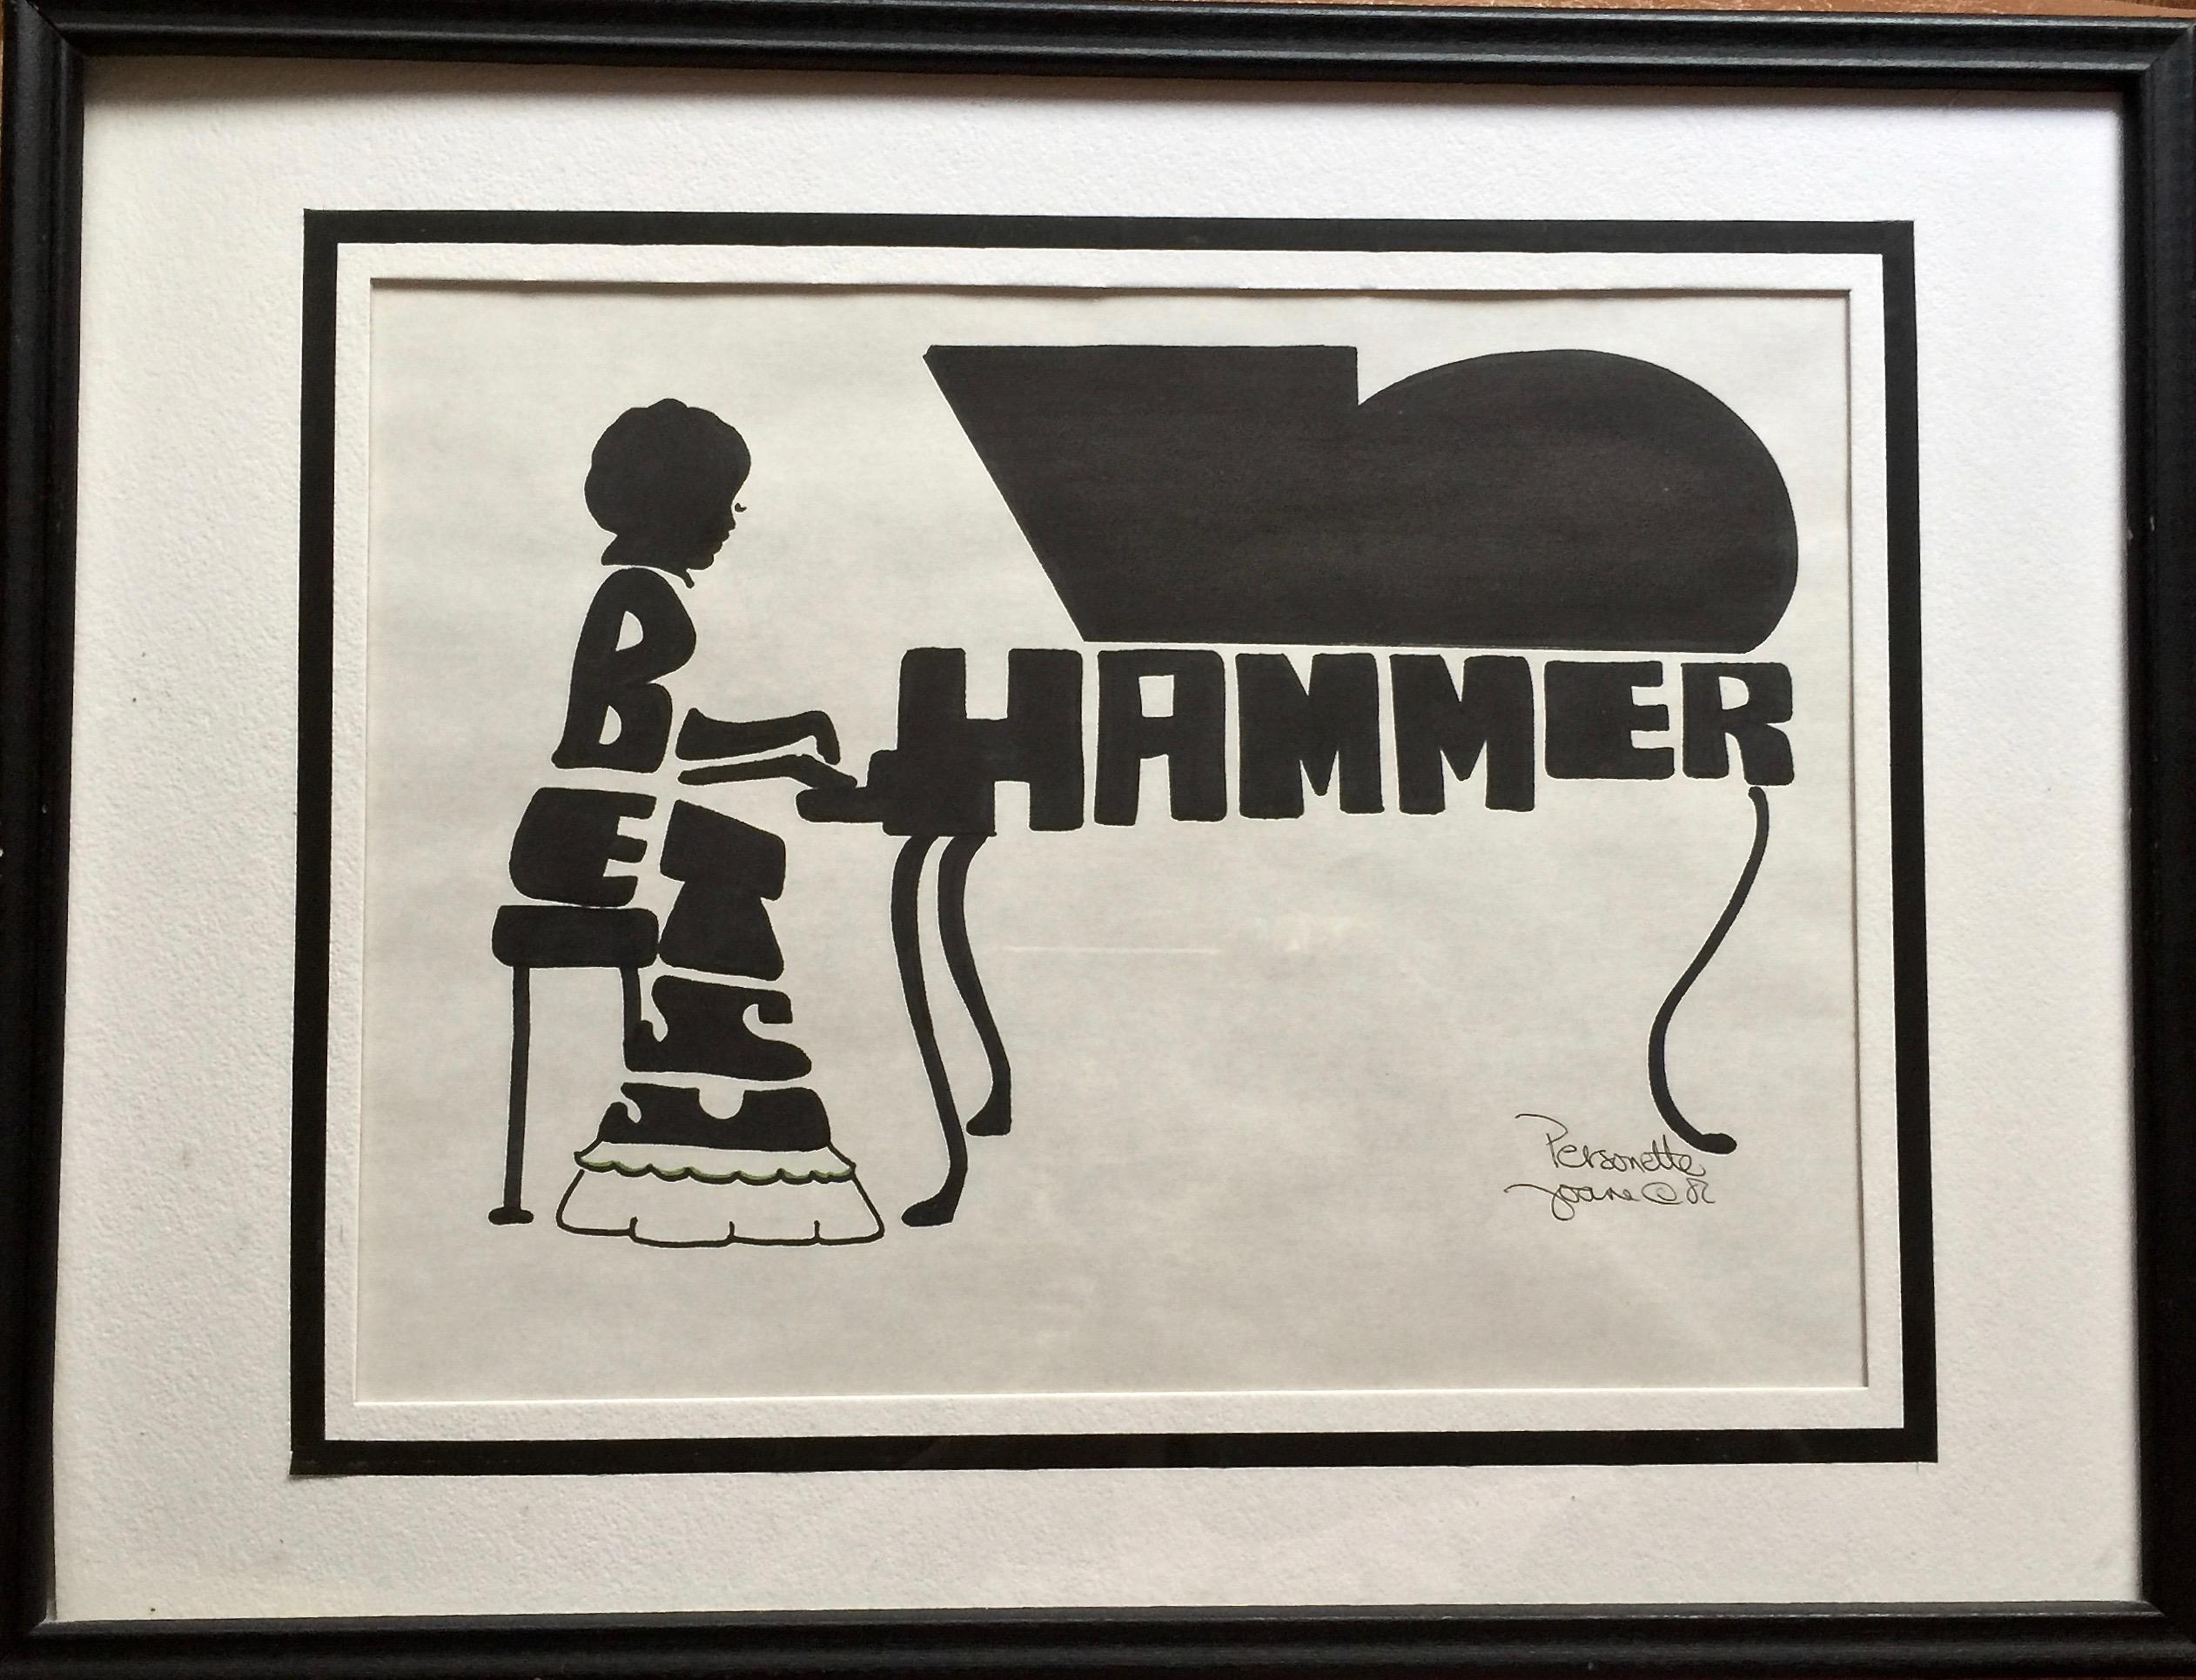 Betsy Hammer